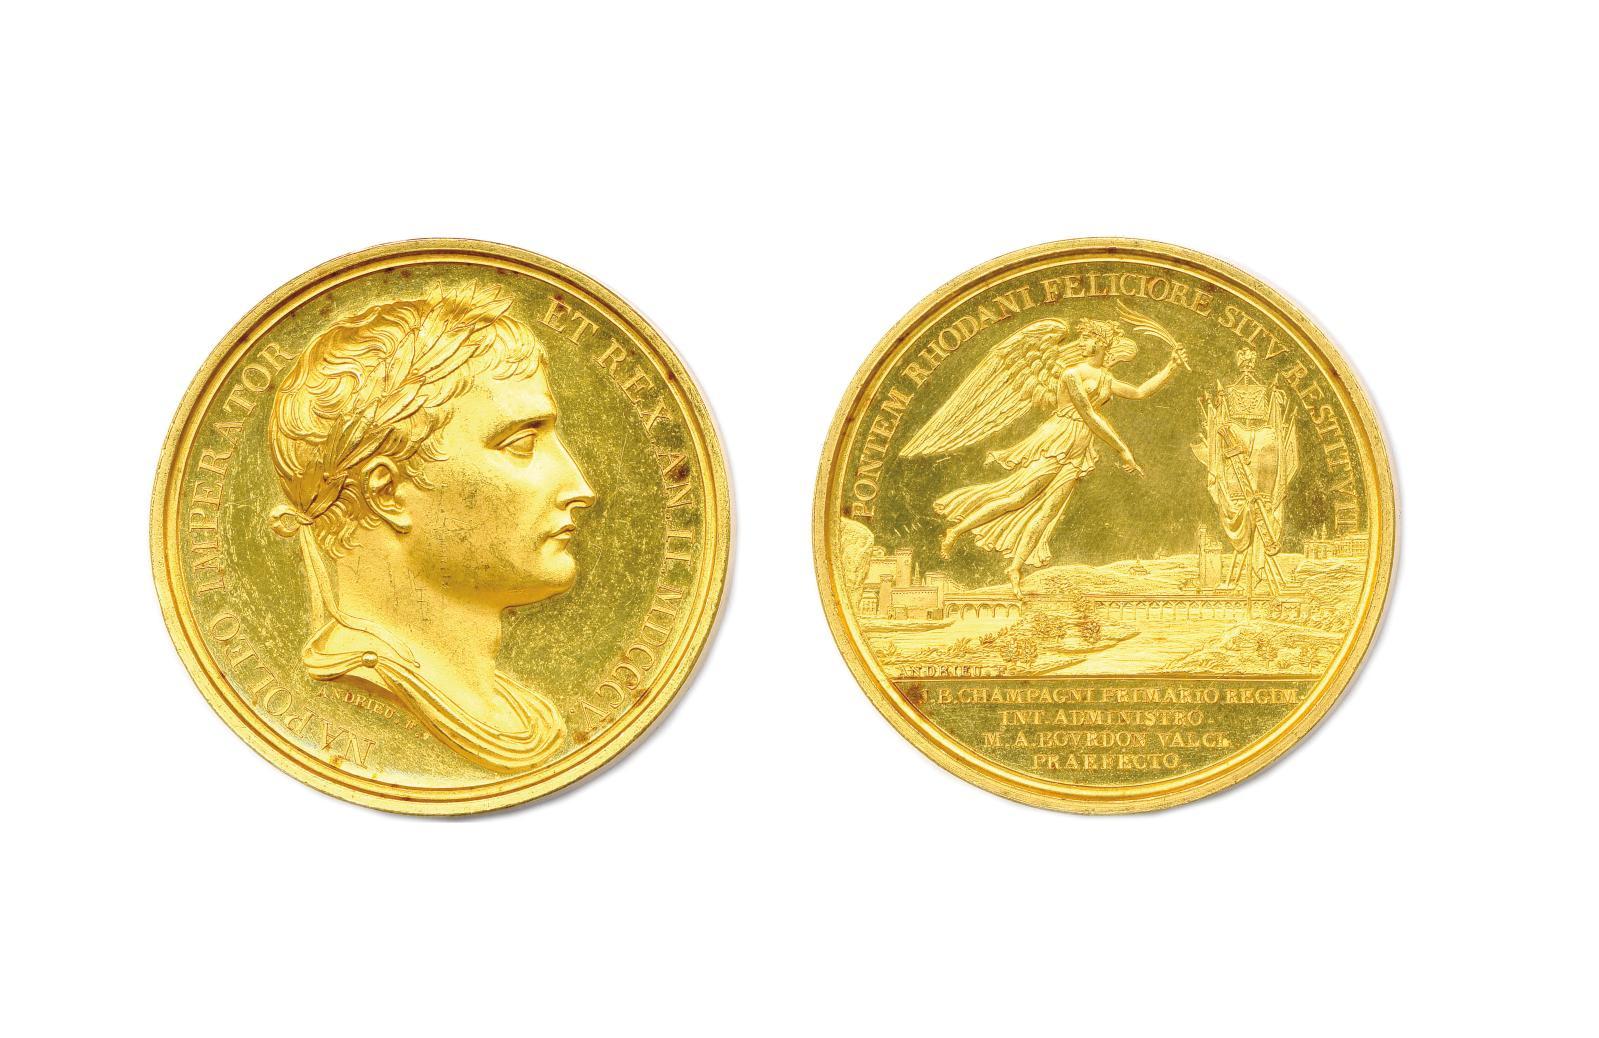 Premier Empire, médaille en or 1805, Napoleo imperator et rex AnII. MDCCCV, buste drapé et lauré de Napoléon Ier, signature «Andrieu, R/.